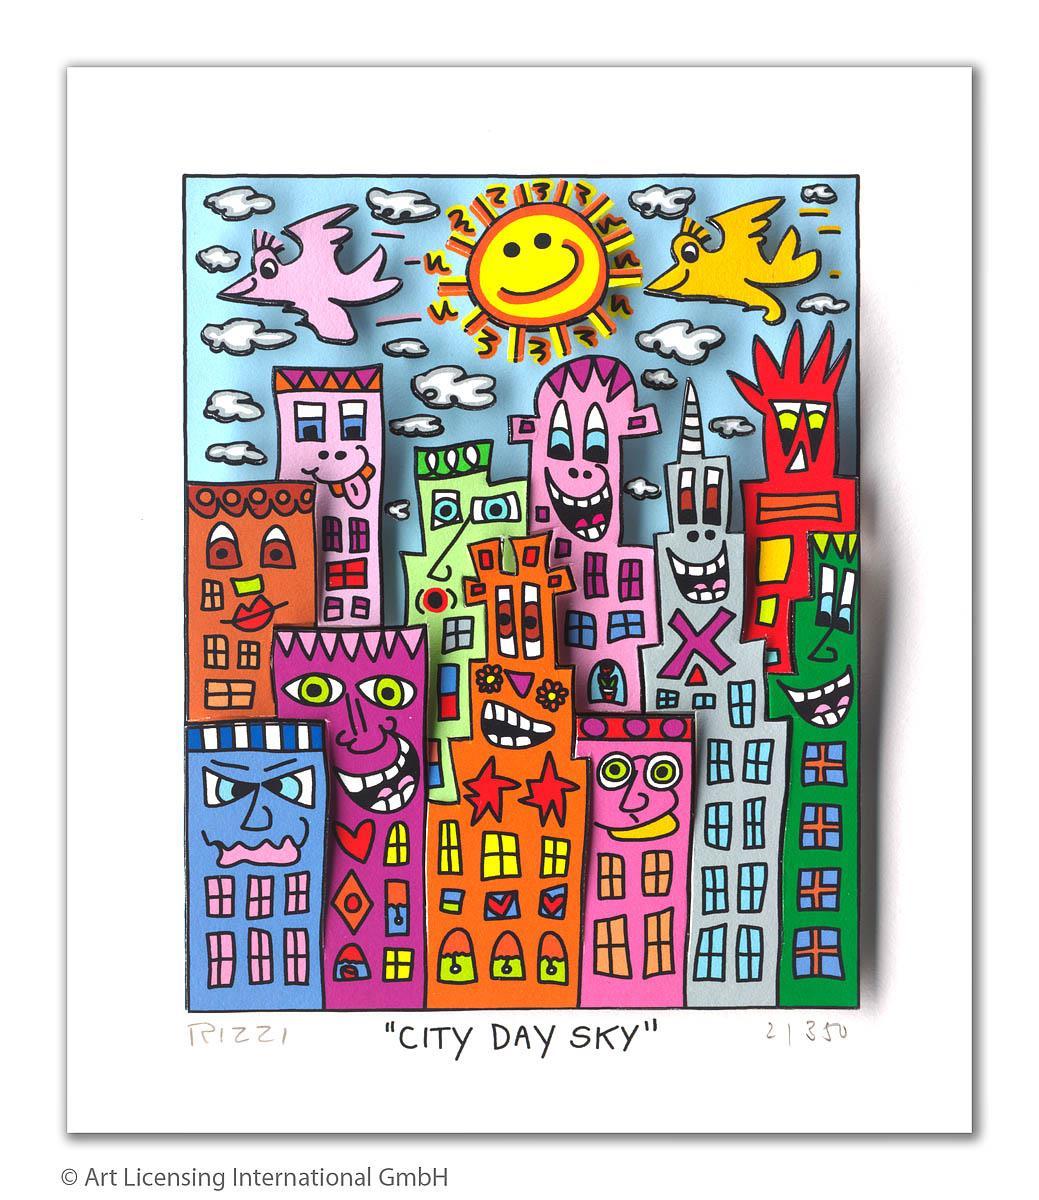 City day sky - Rizzi, James - k-2110RIZ3